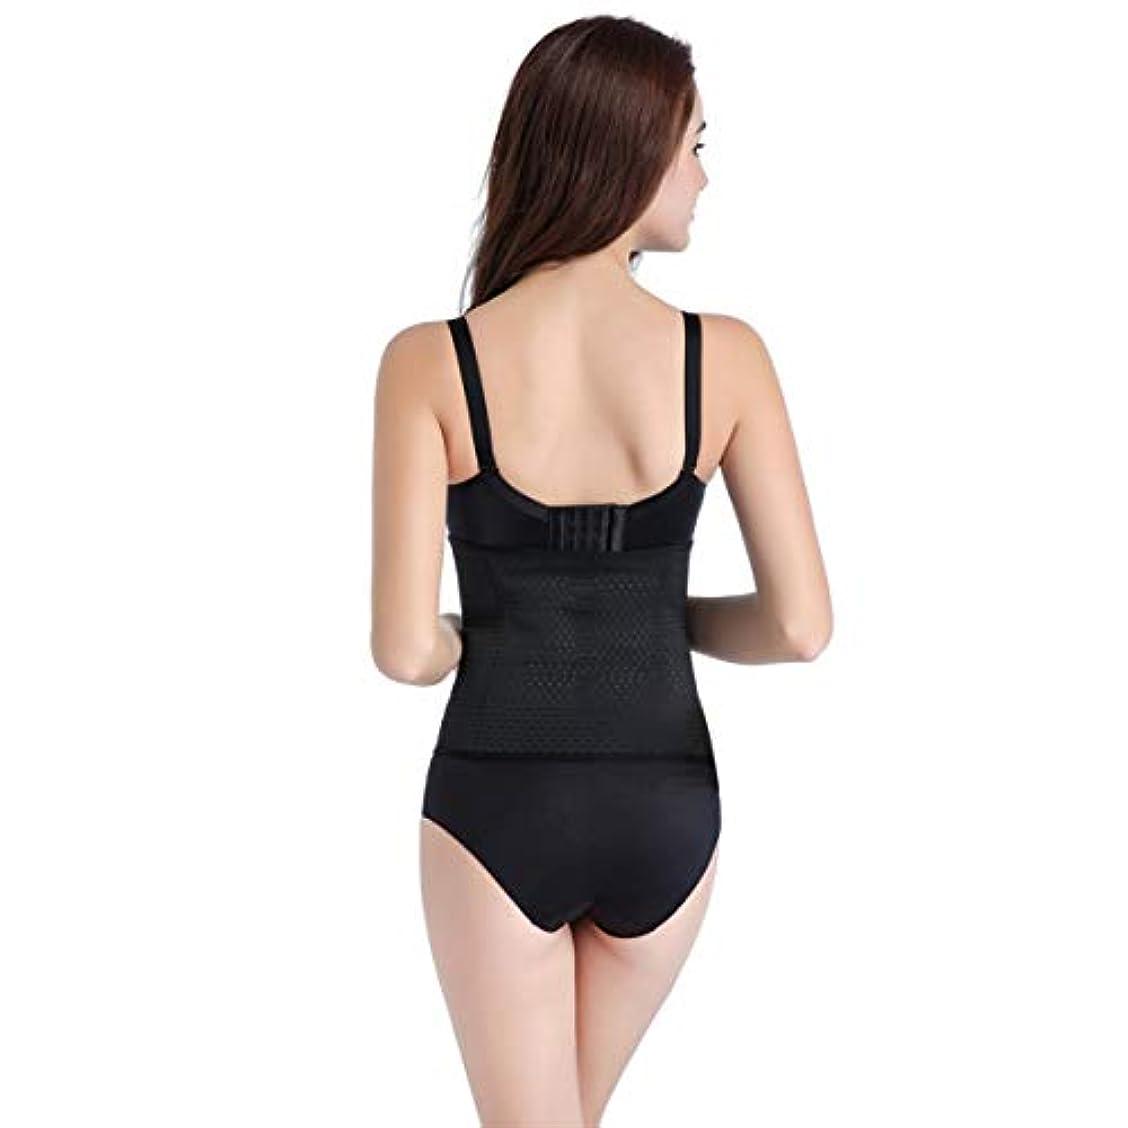 考案する海岸わなBody Beauty Trainer Hollow Out Postpartum Abdomen Slimming Belly Body Shaper Breathable Sweet Sweat Corset Waist Band